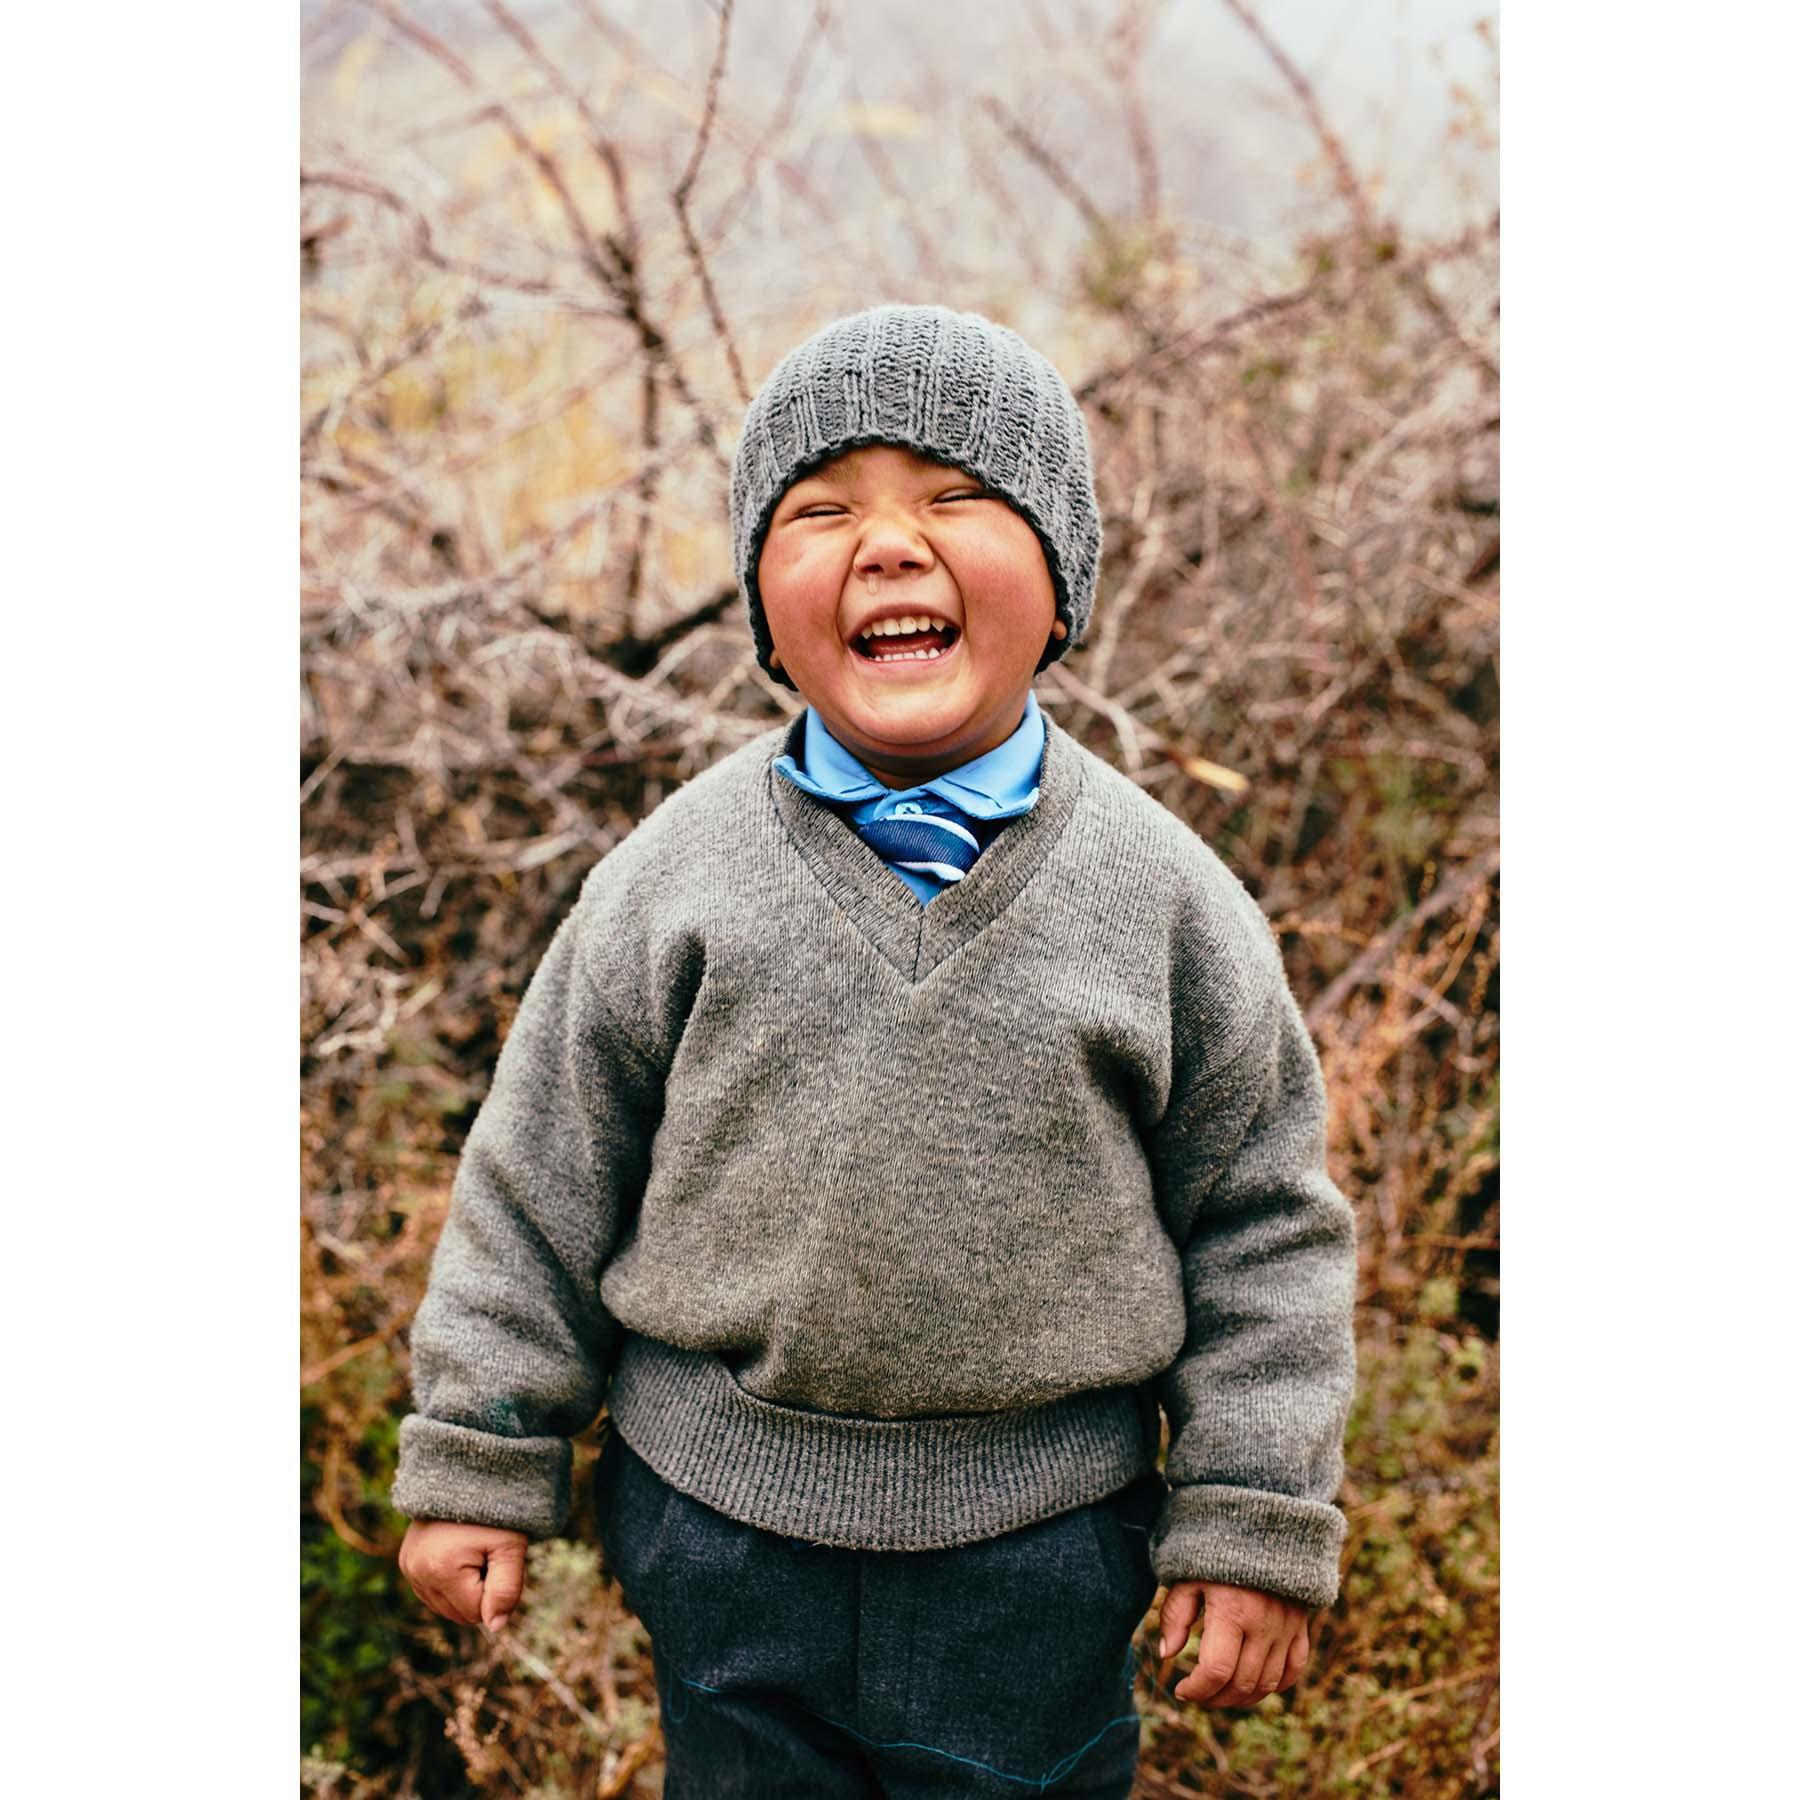 Portrait, der lachende Schuljunge | Ladakh, Indien | Nino Strauch Fotograf Tübingen | Fotokunst